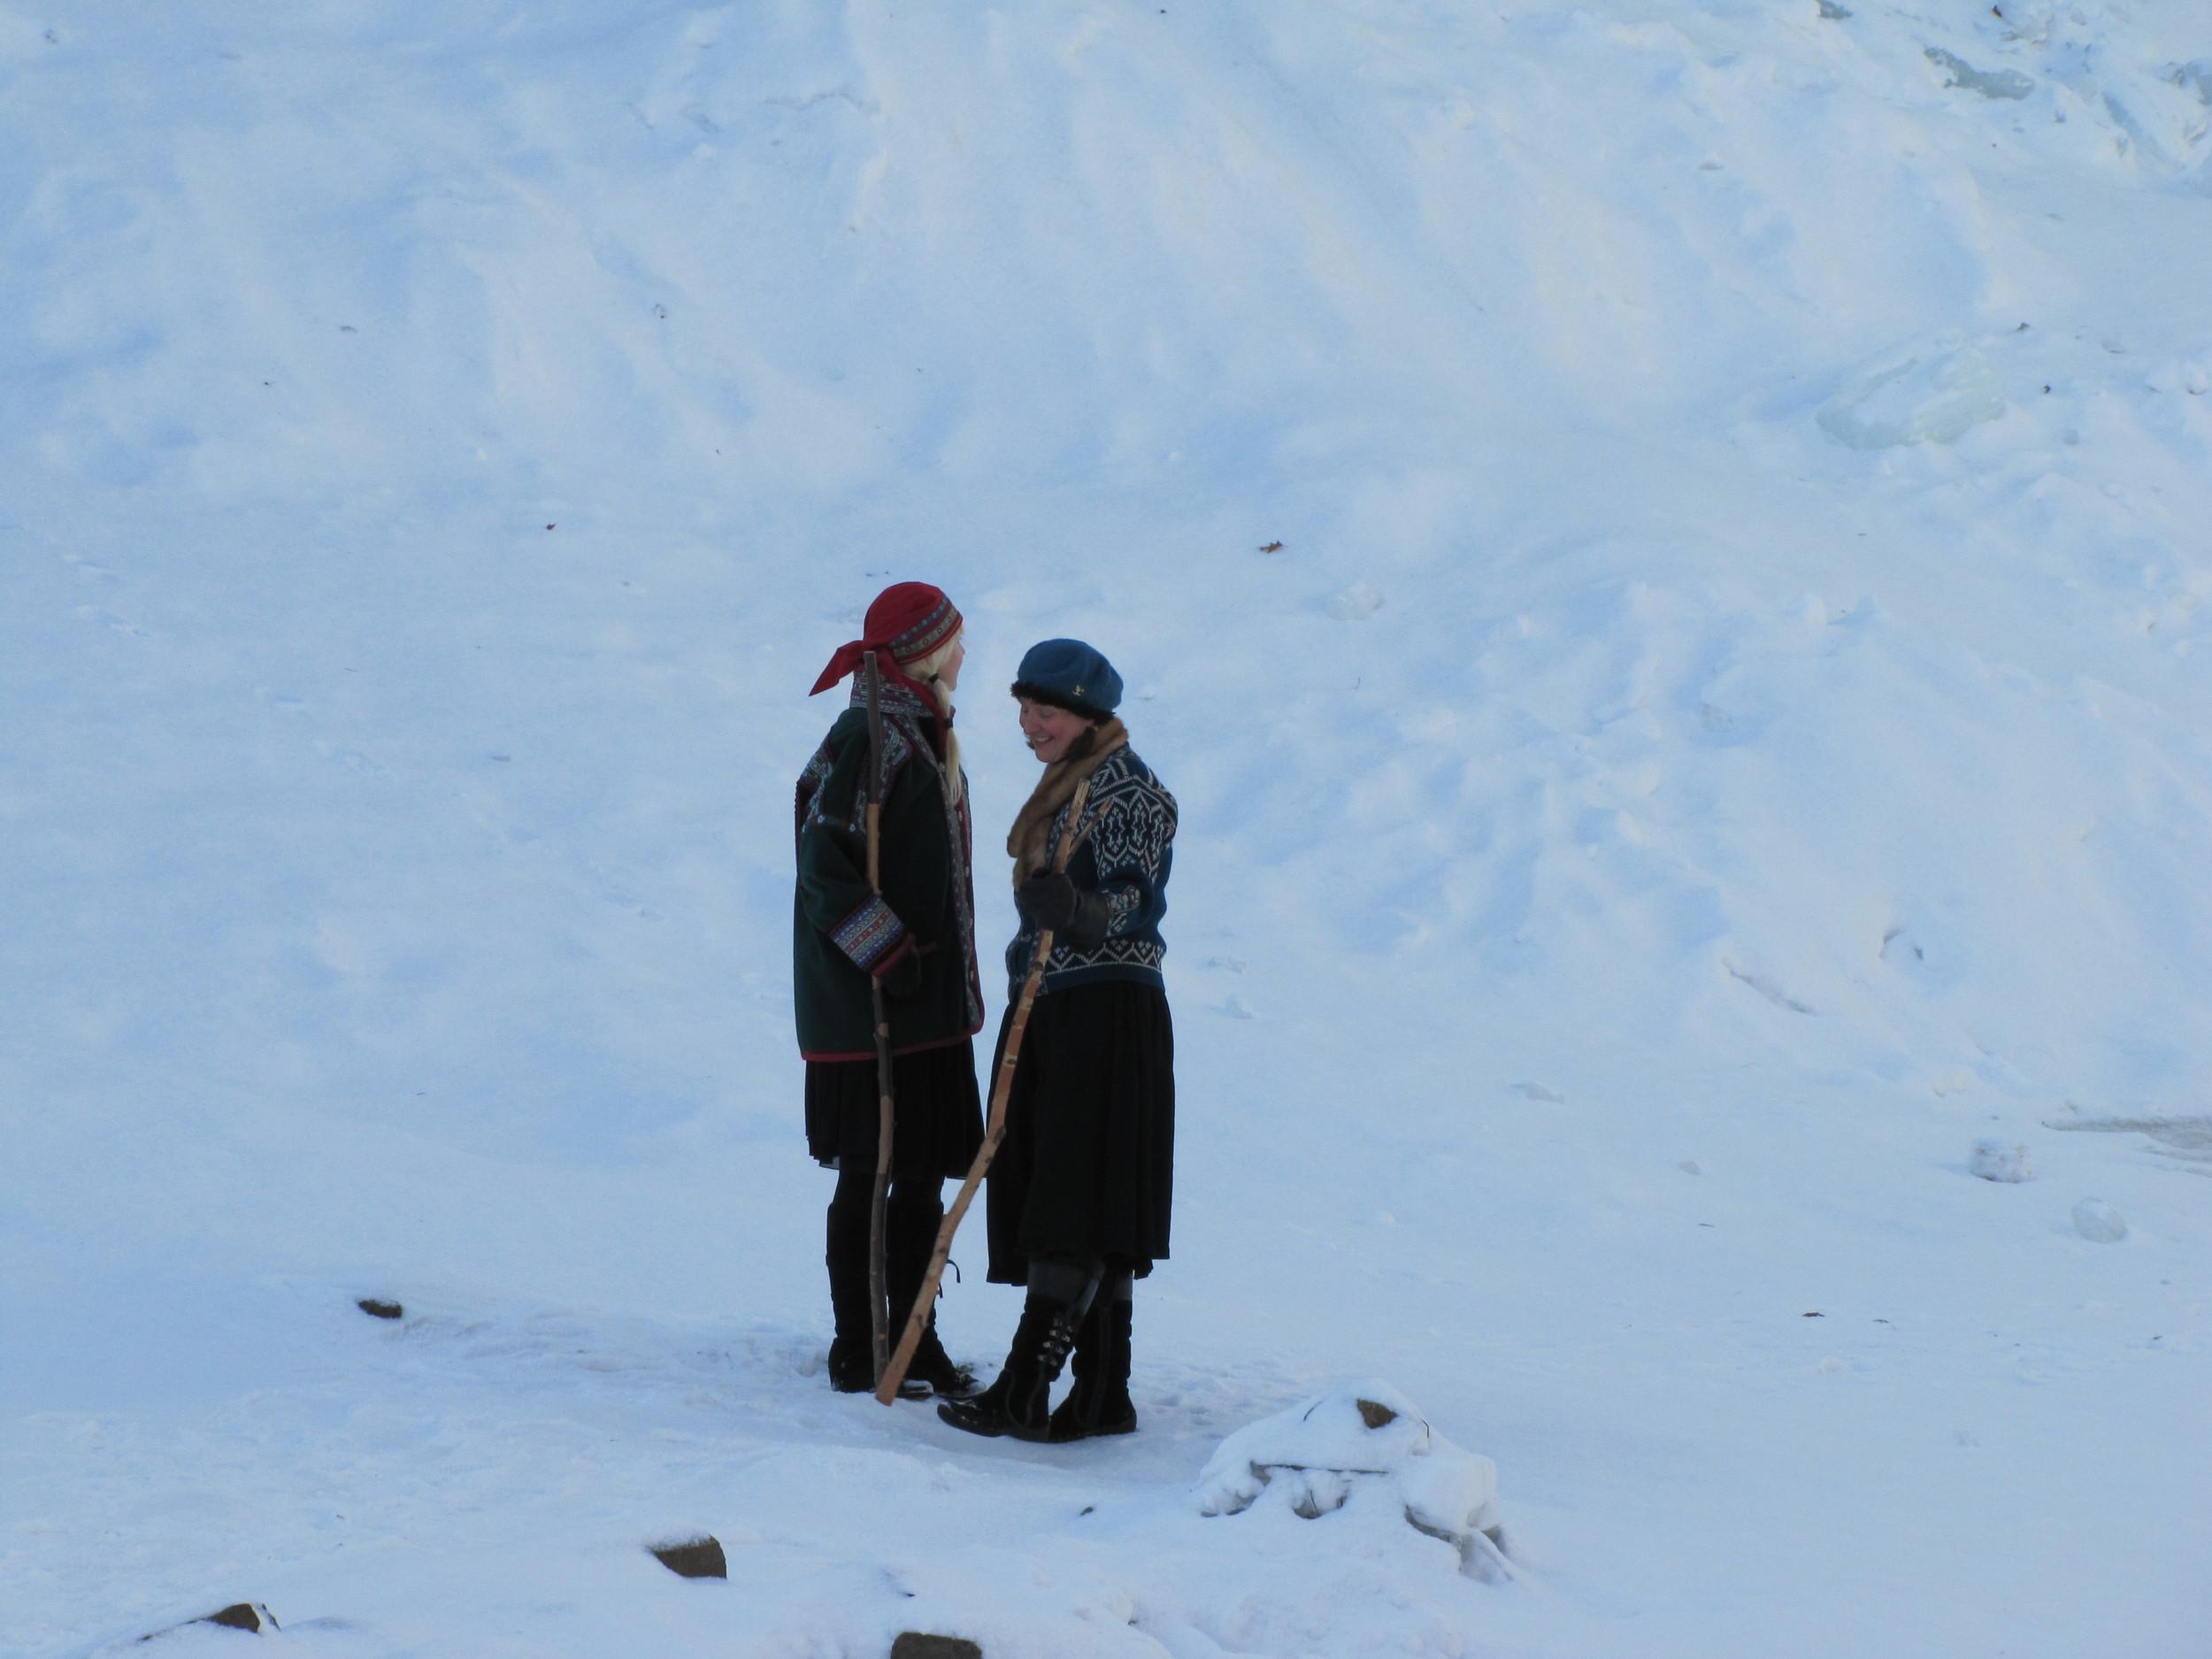 Lynette Reini-Grandell and Kari Tauring. Photo by Drew Miller.